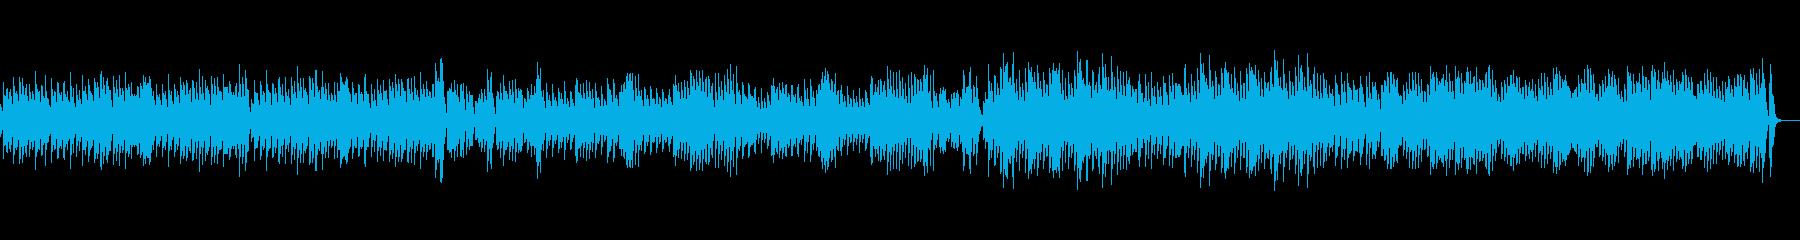 コンビネーション・マーチ_オルゴールの再生済みの波形